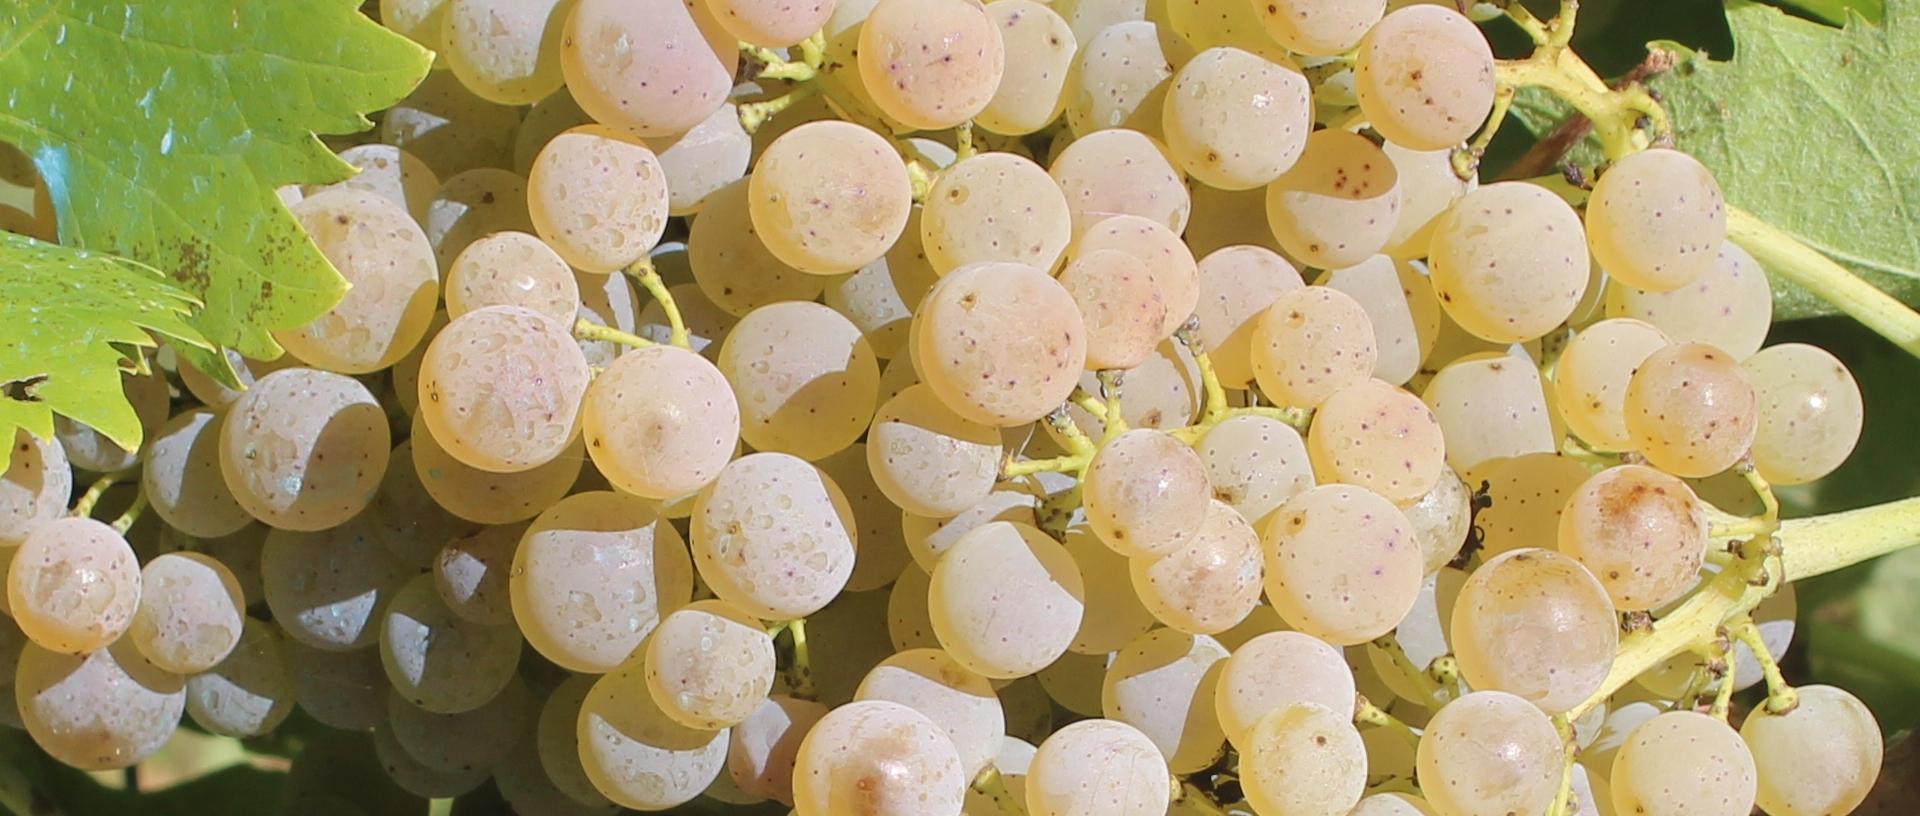 Curarsi con l'uva?